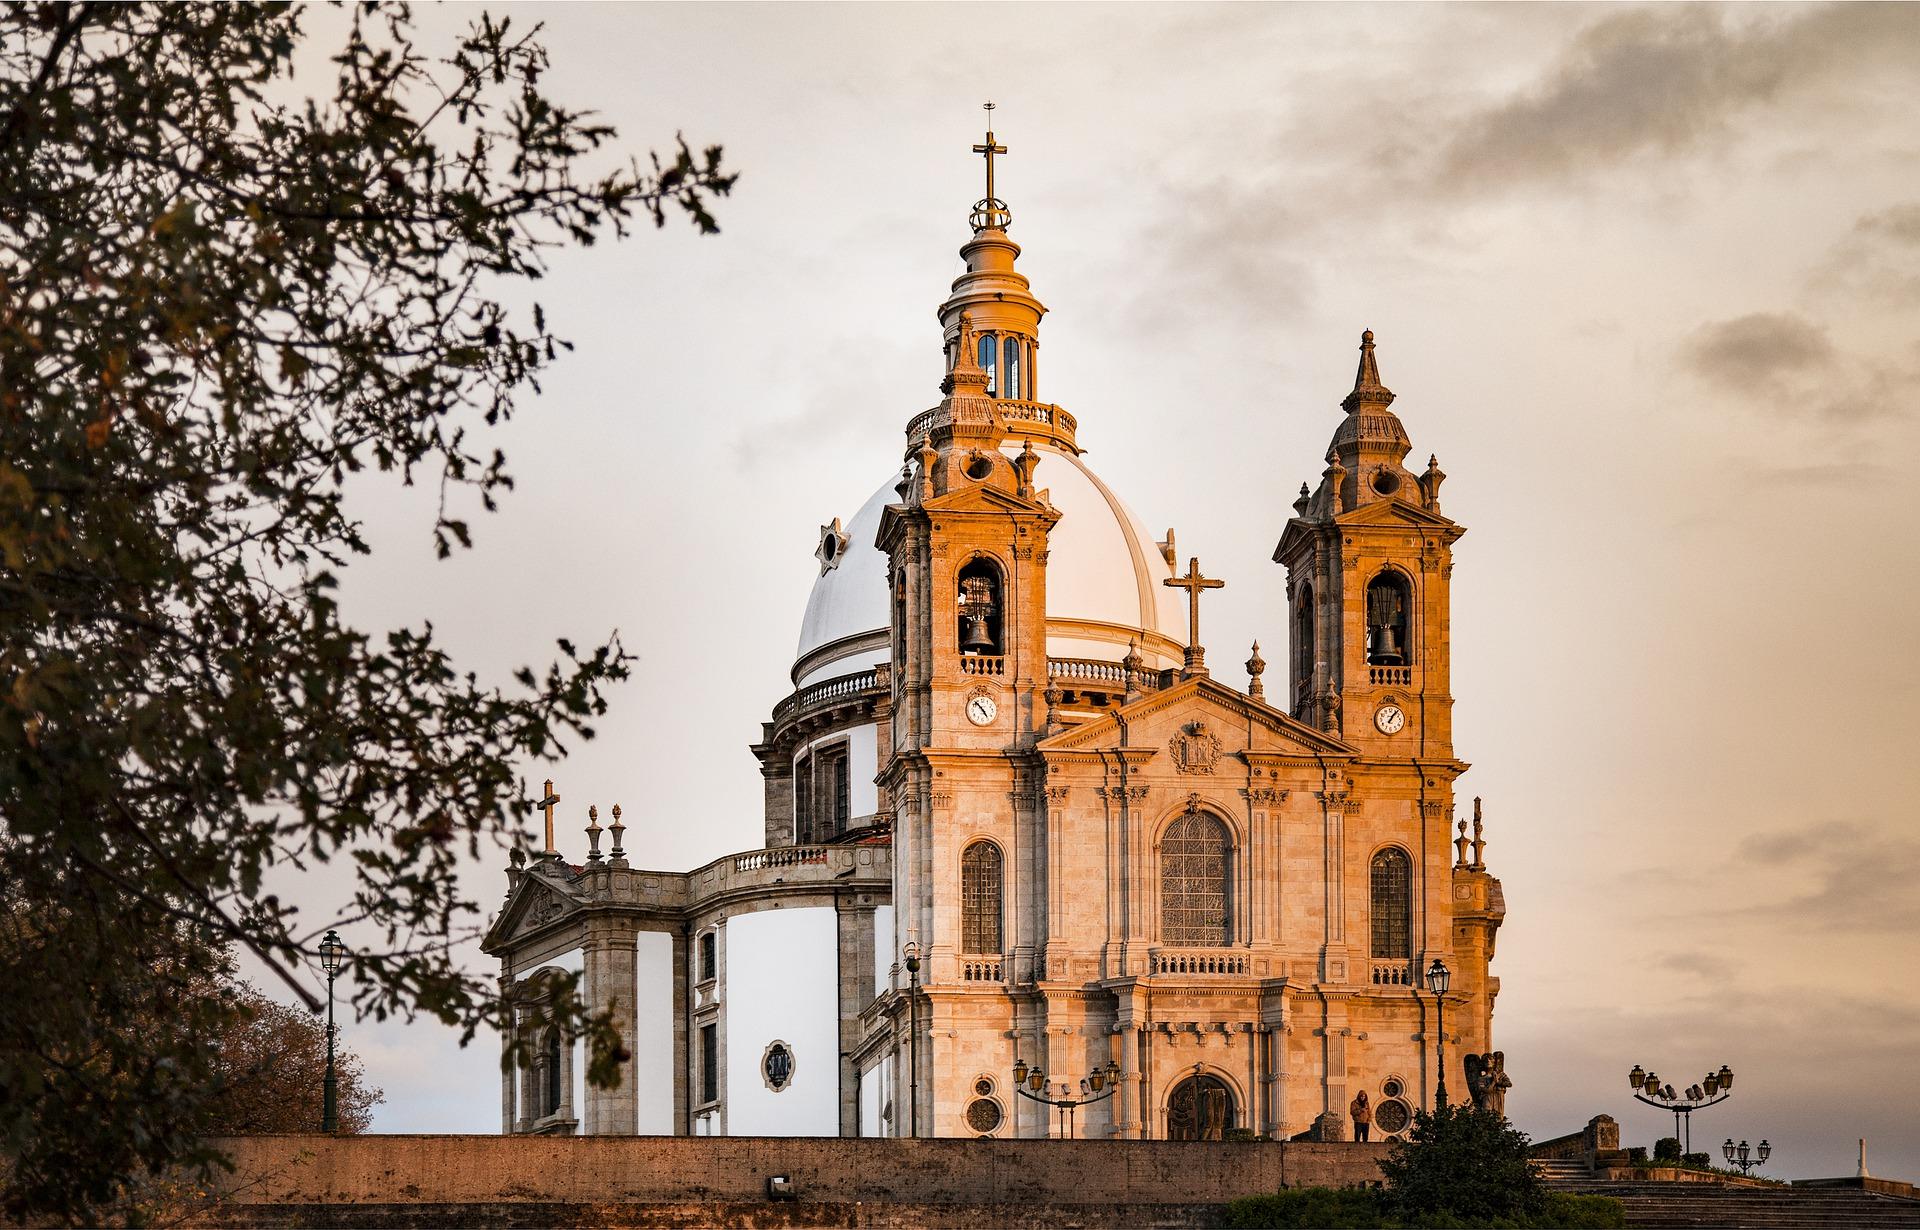 Braga churches